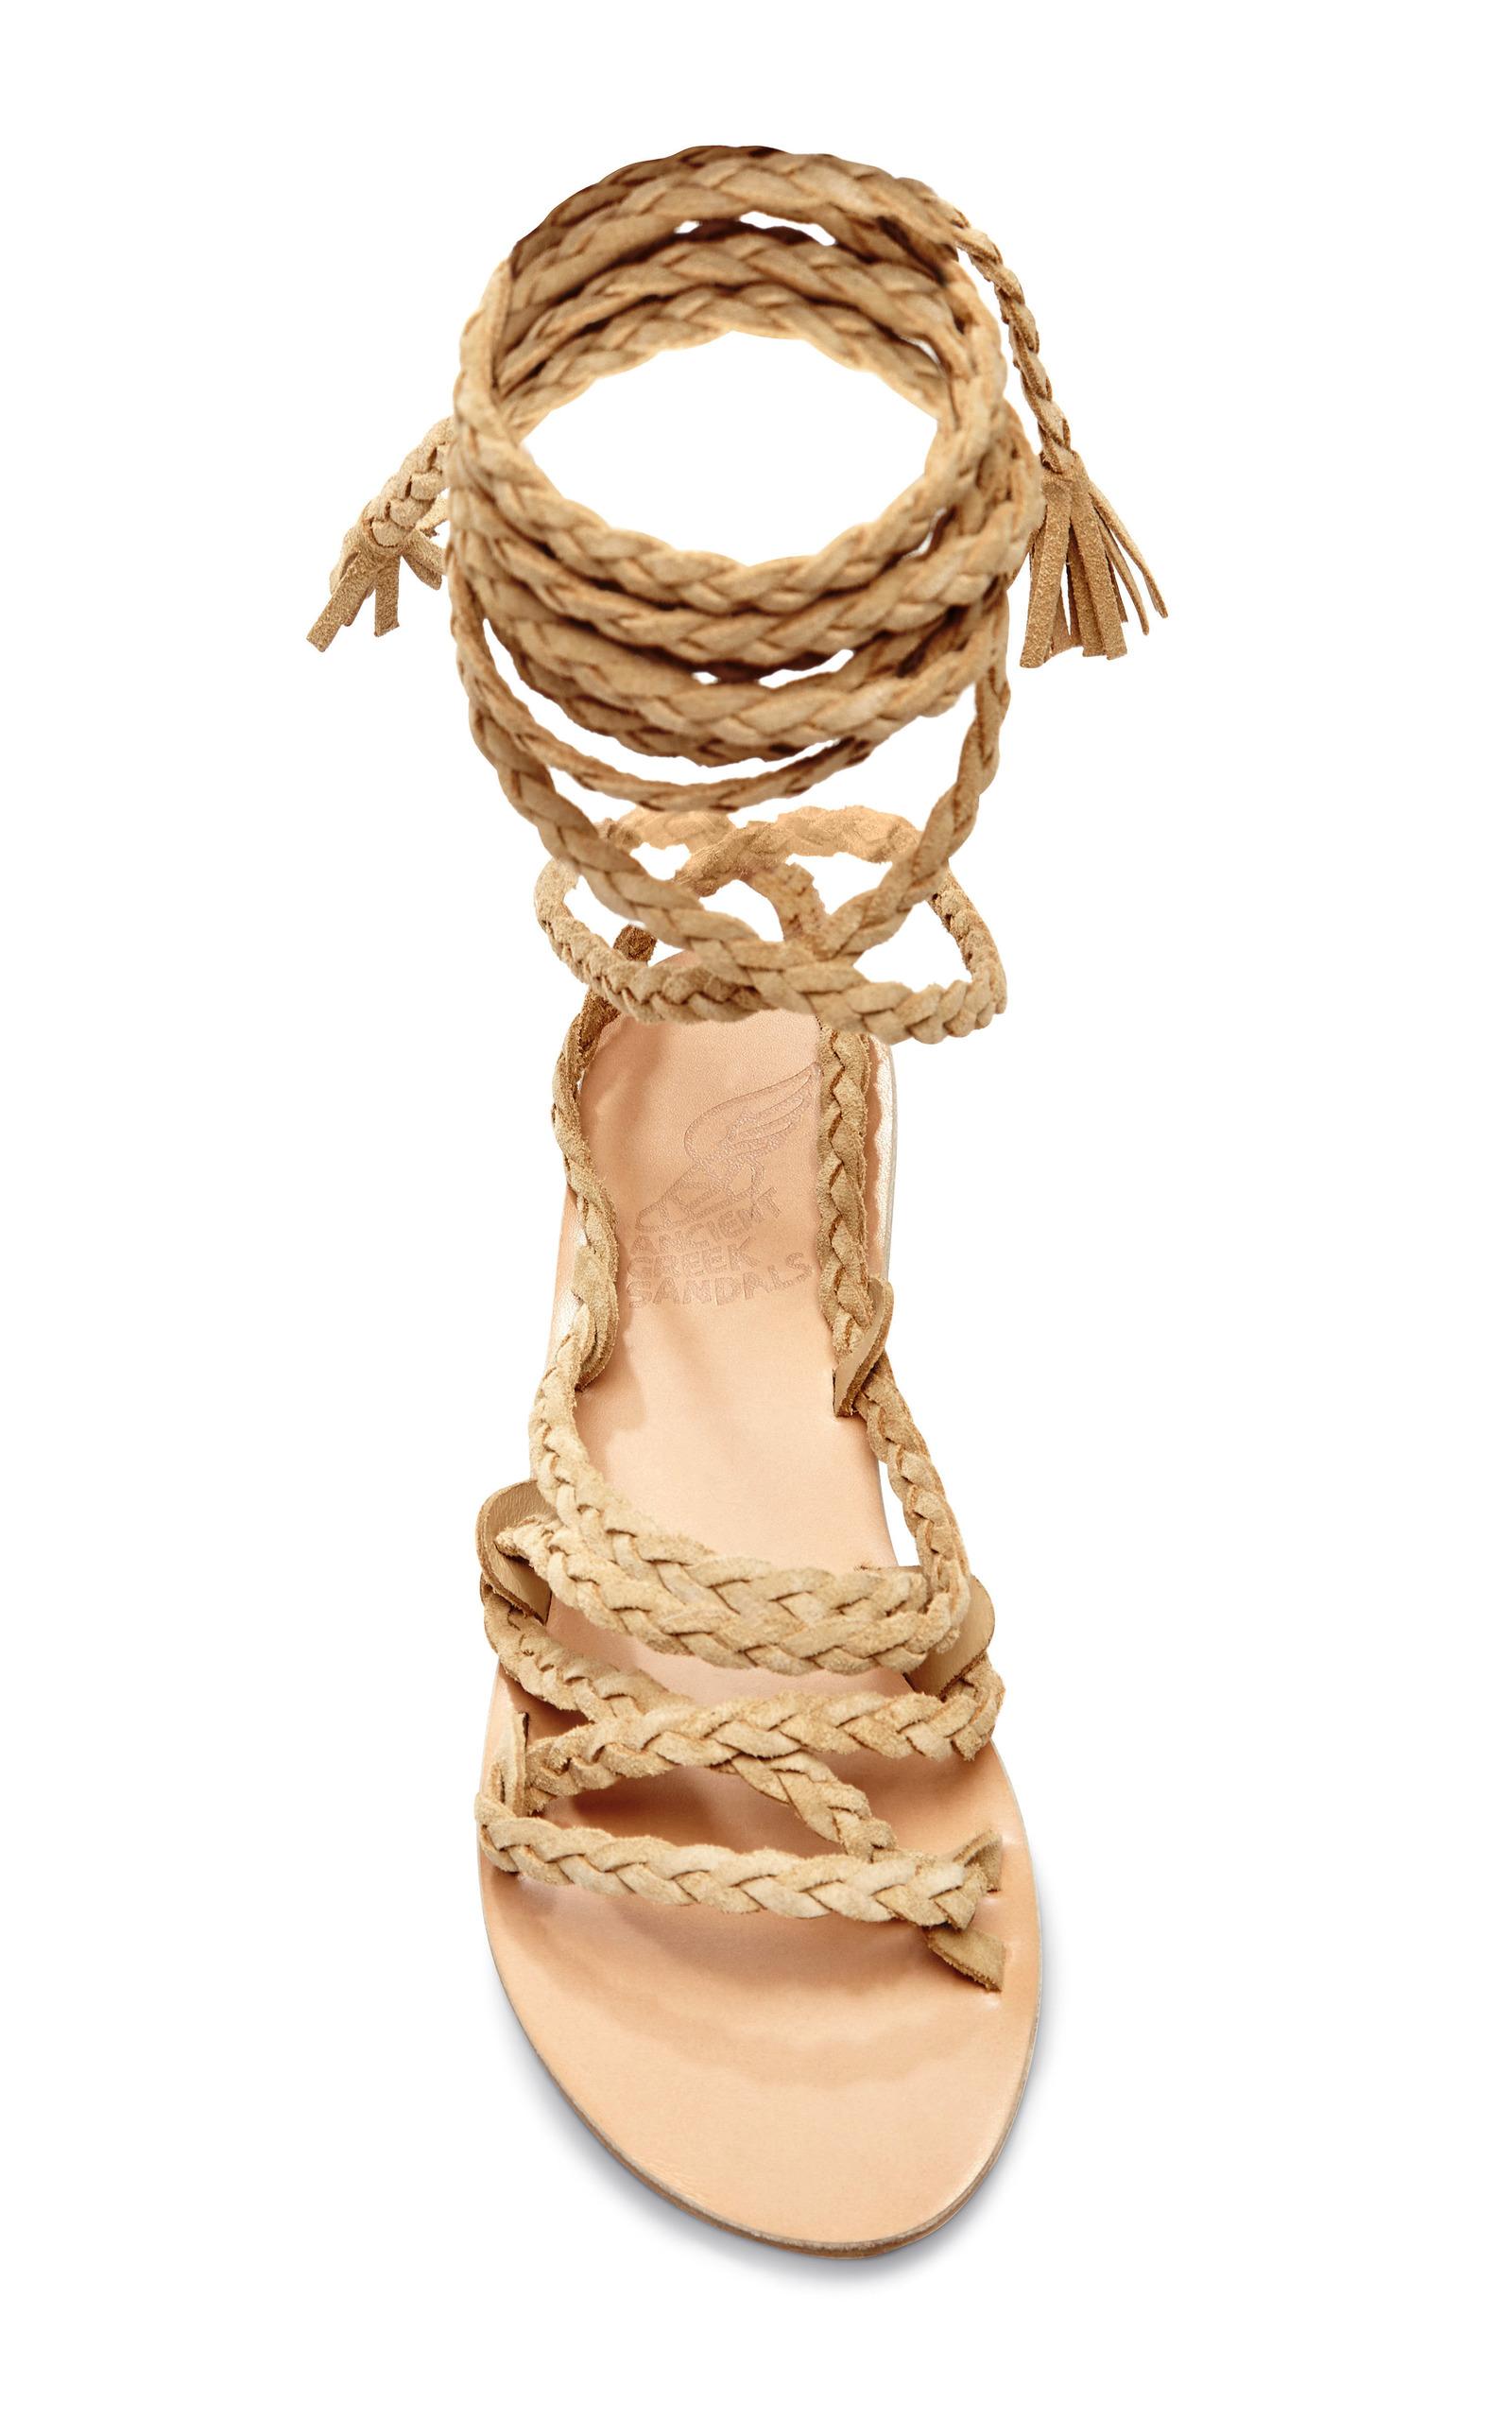 Kariatida Braided Strap Suede Sandals By Ancient Greek